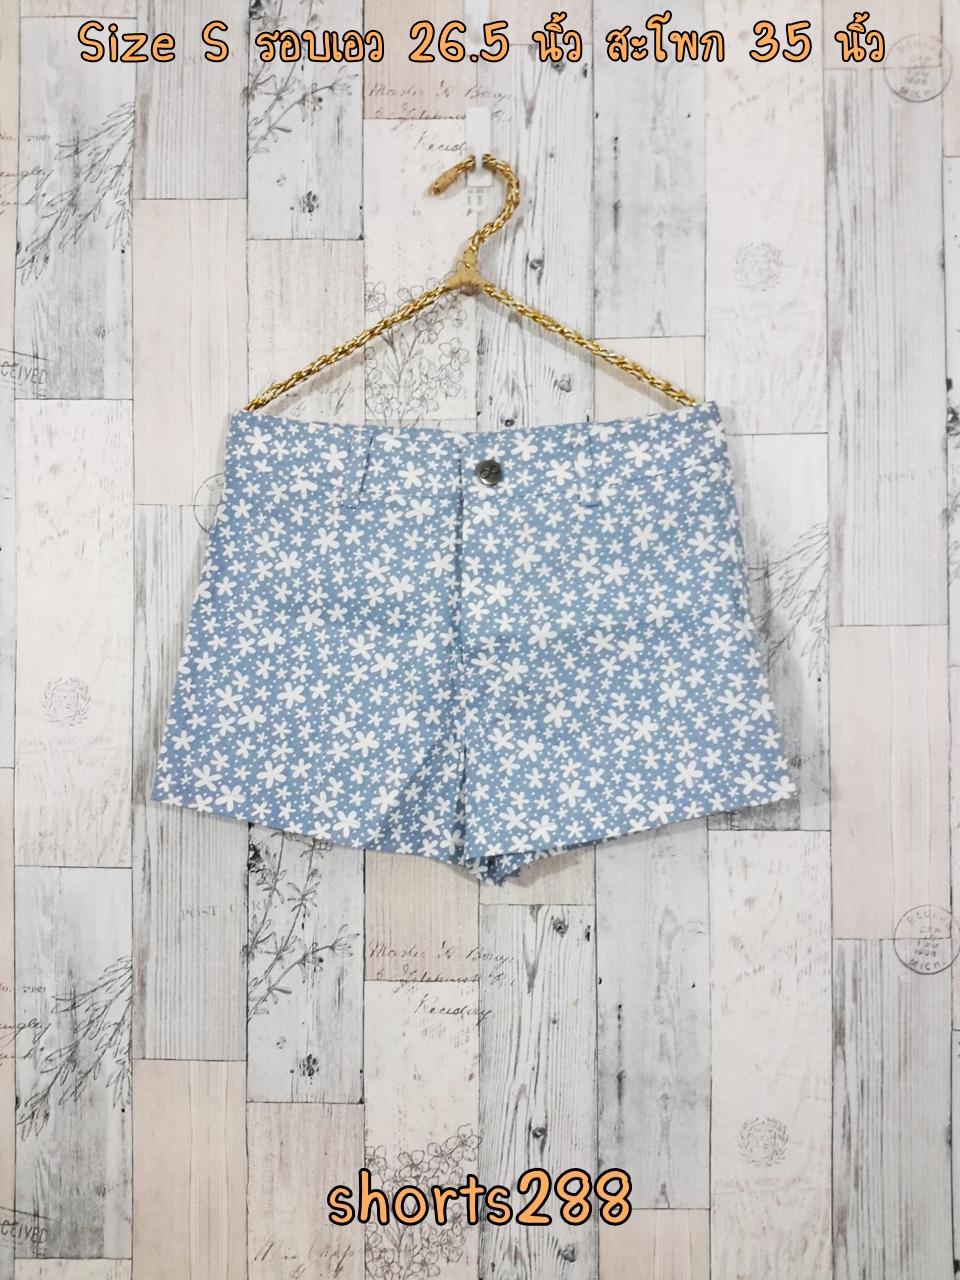 Shorts288 กางเกงขาสั้นซิปหน้า ผ้ายีนส์นิ่มลายจุดดอกไม้เล็กโทนสีขาวฟ้ายีนส์ งานน่ารัก แมทช์กับเสื้อได้หลายแบบ